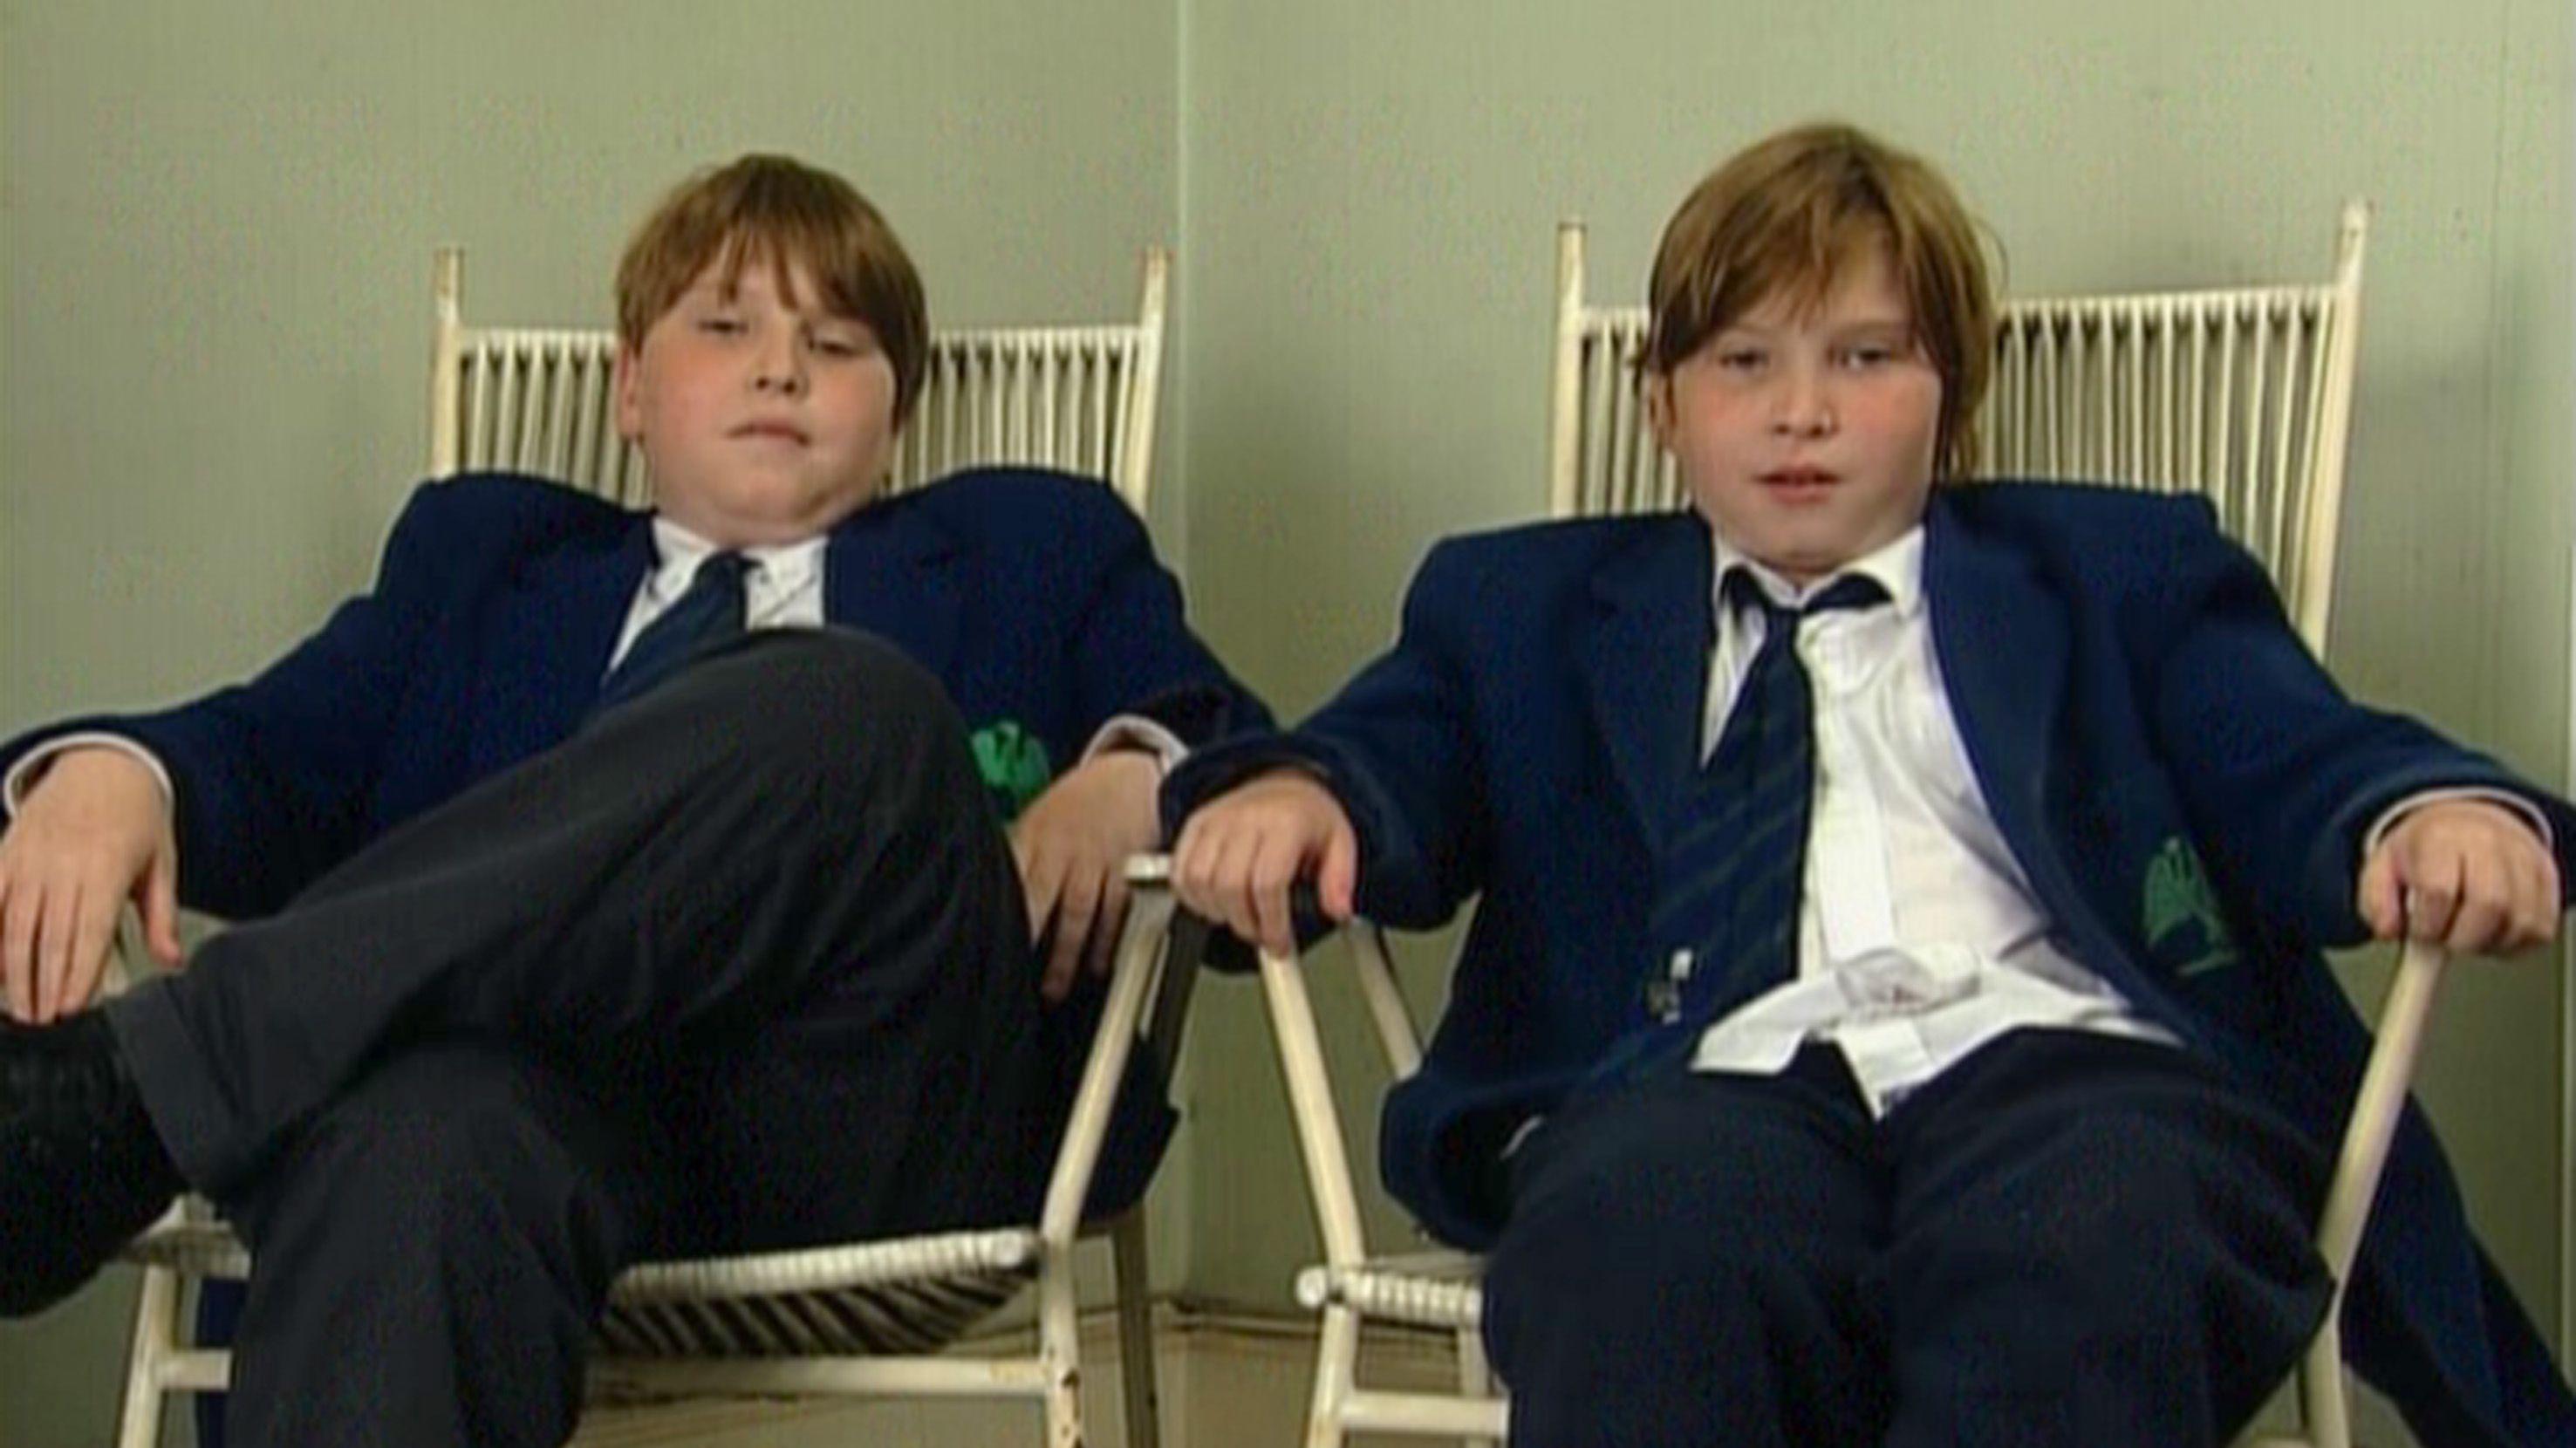 Zwillingsbrüder sitzen in blauen Anzügen nebeneinander in weißen Holzstühlen. Der linke ist ordentlich, der rechte hat zersauste Haare, das Hemd aus der Hose und die Krawatte gelockert.